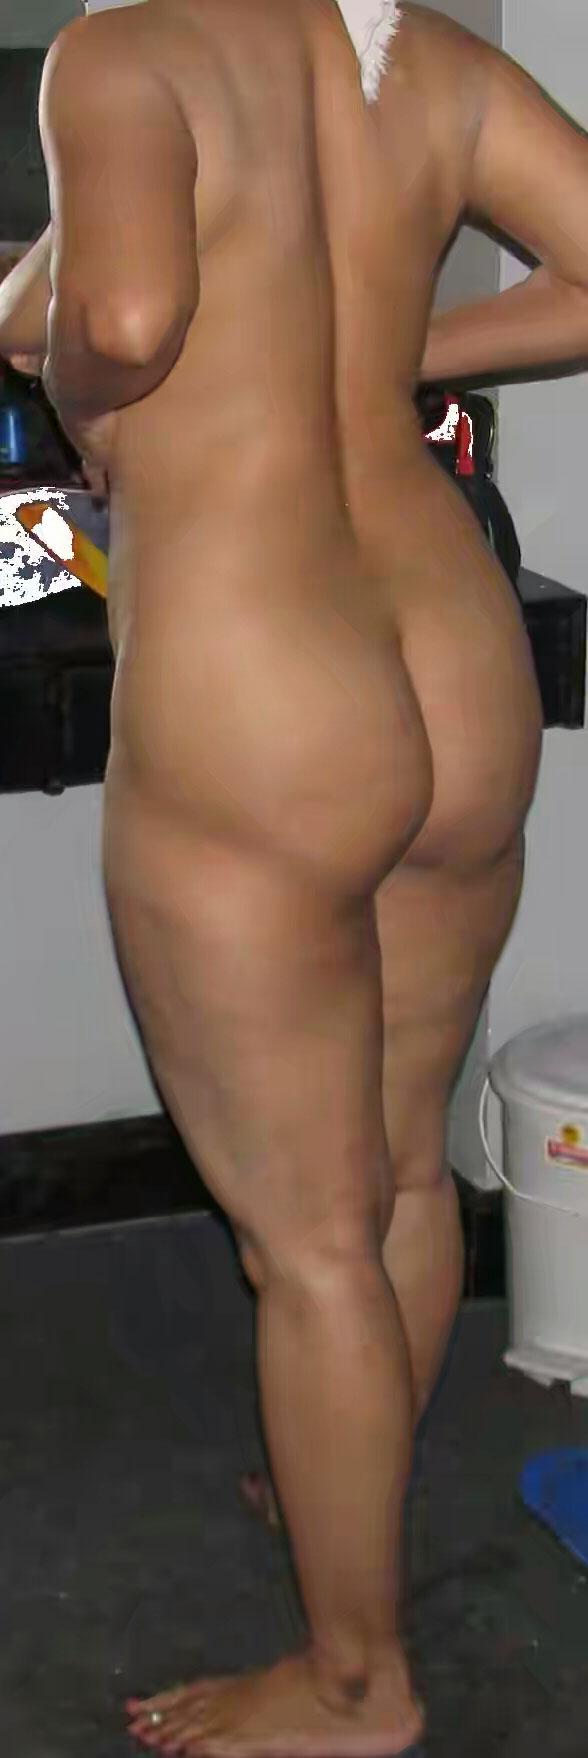 Hot swedish with big boobs